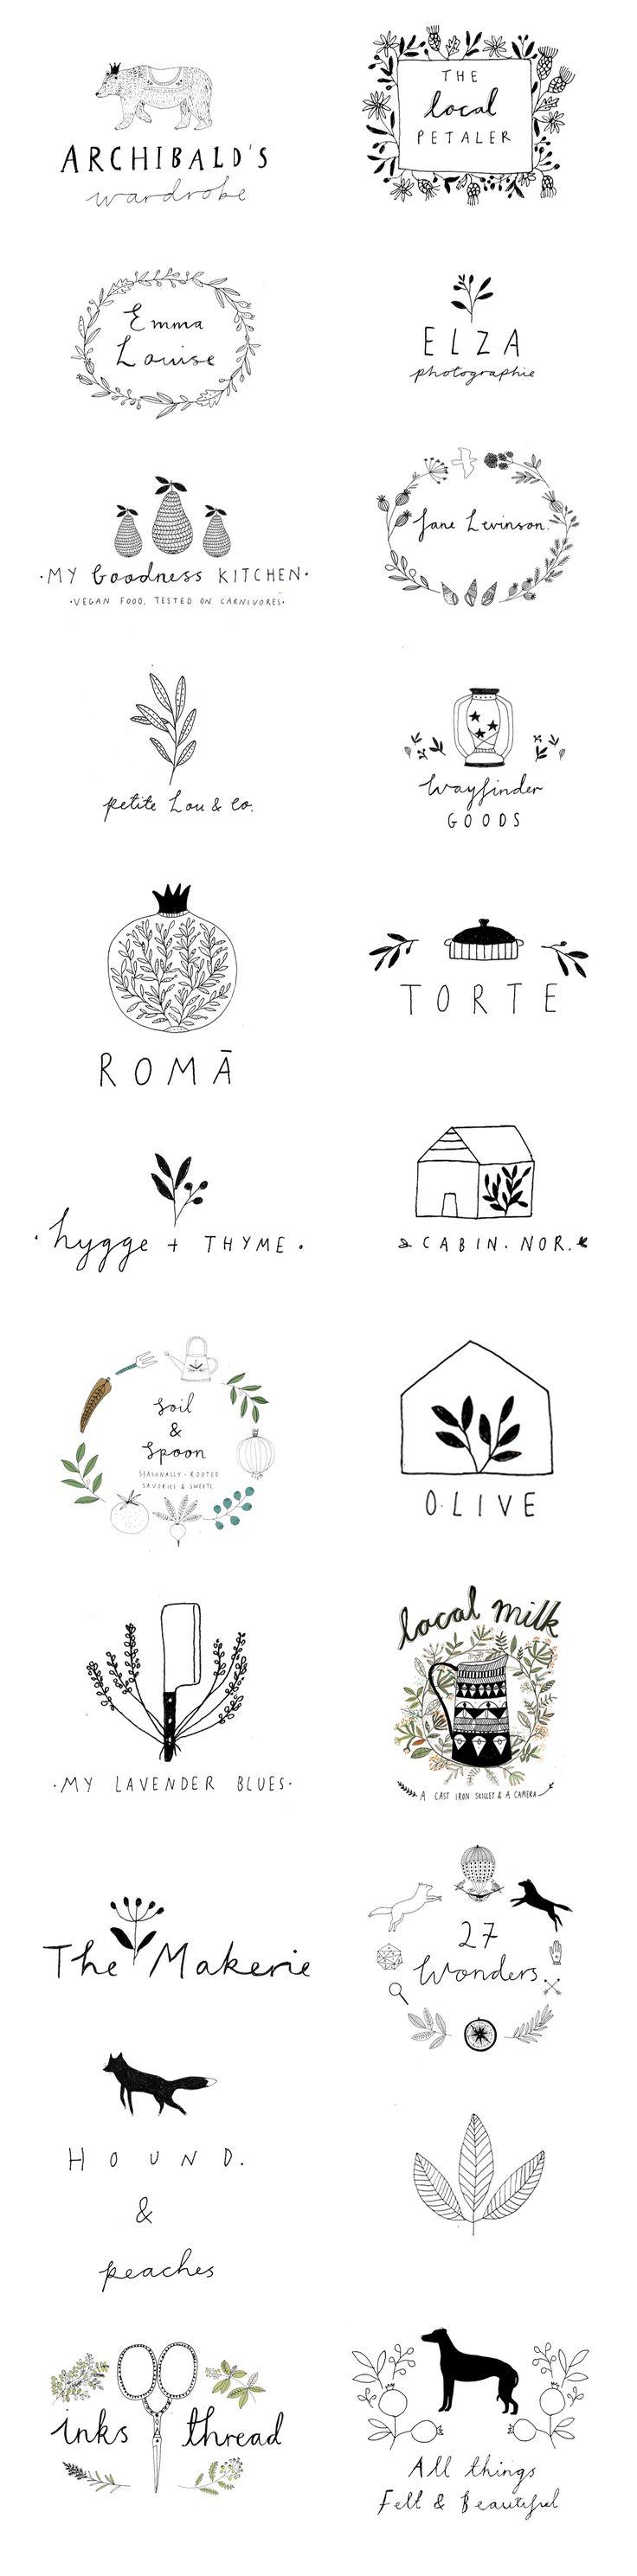 Logo designs by Ryn Frank www.rynfrank.co.uk hand written illustration jrstudiow…